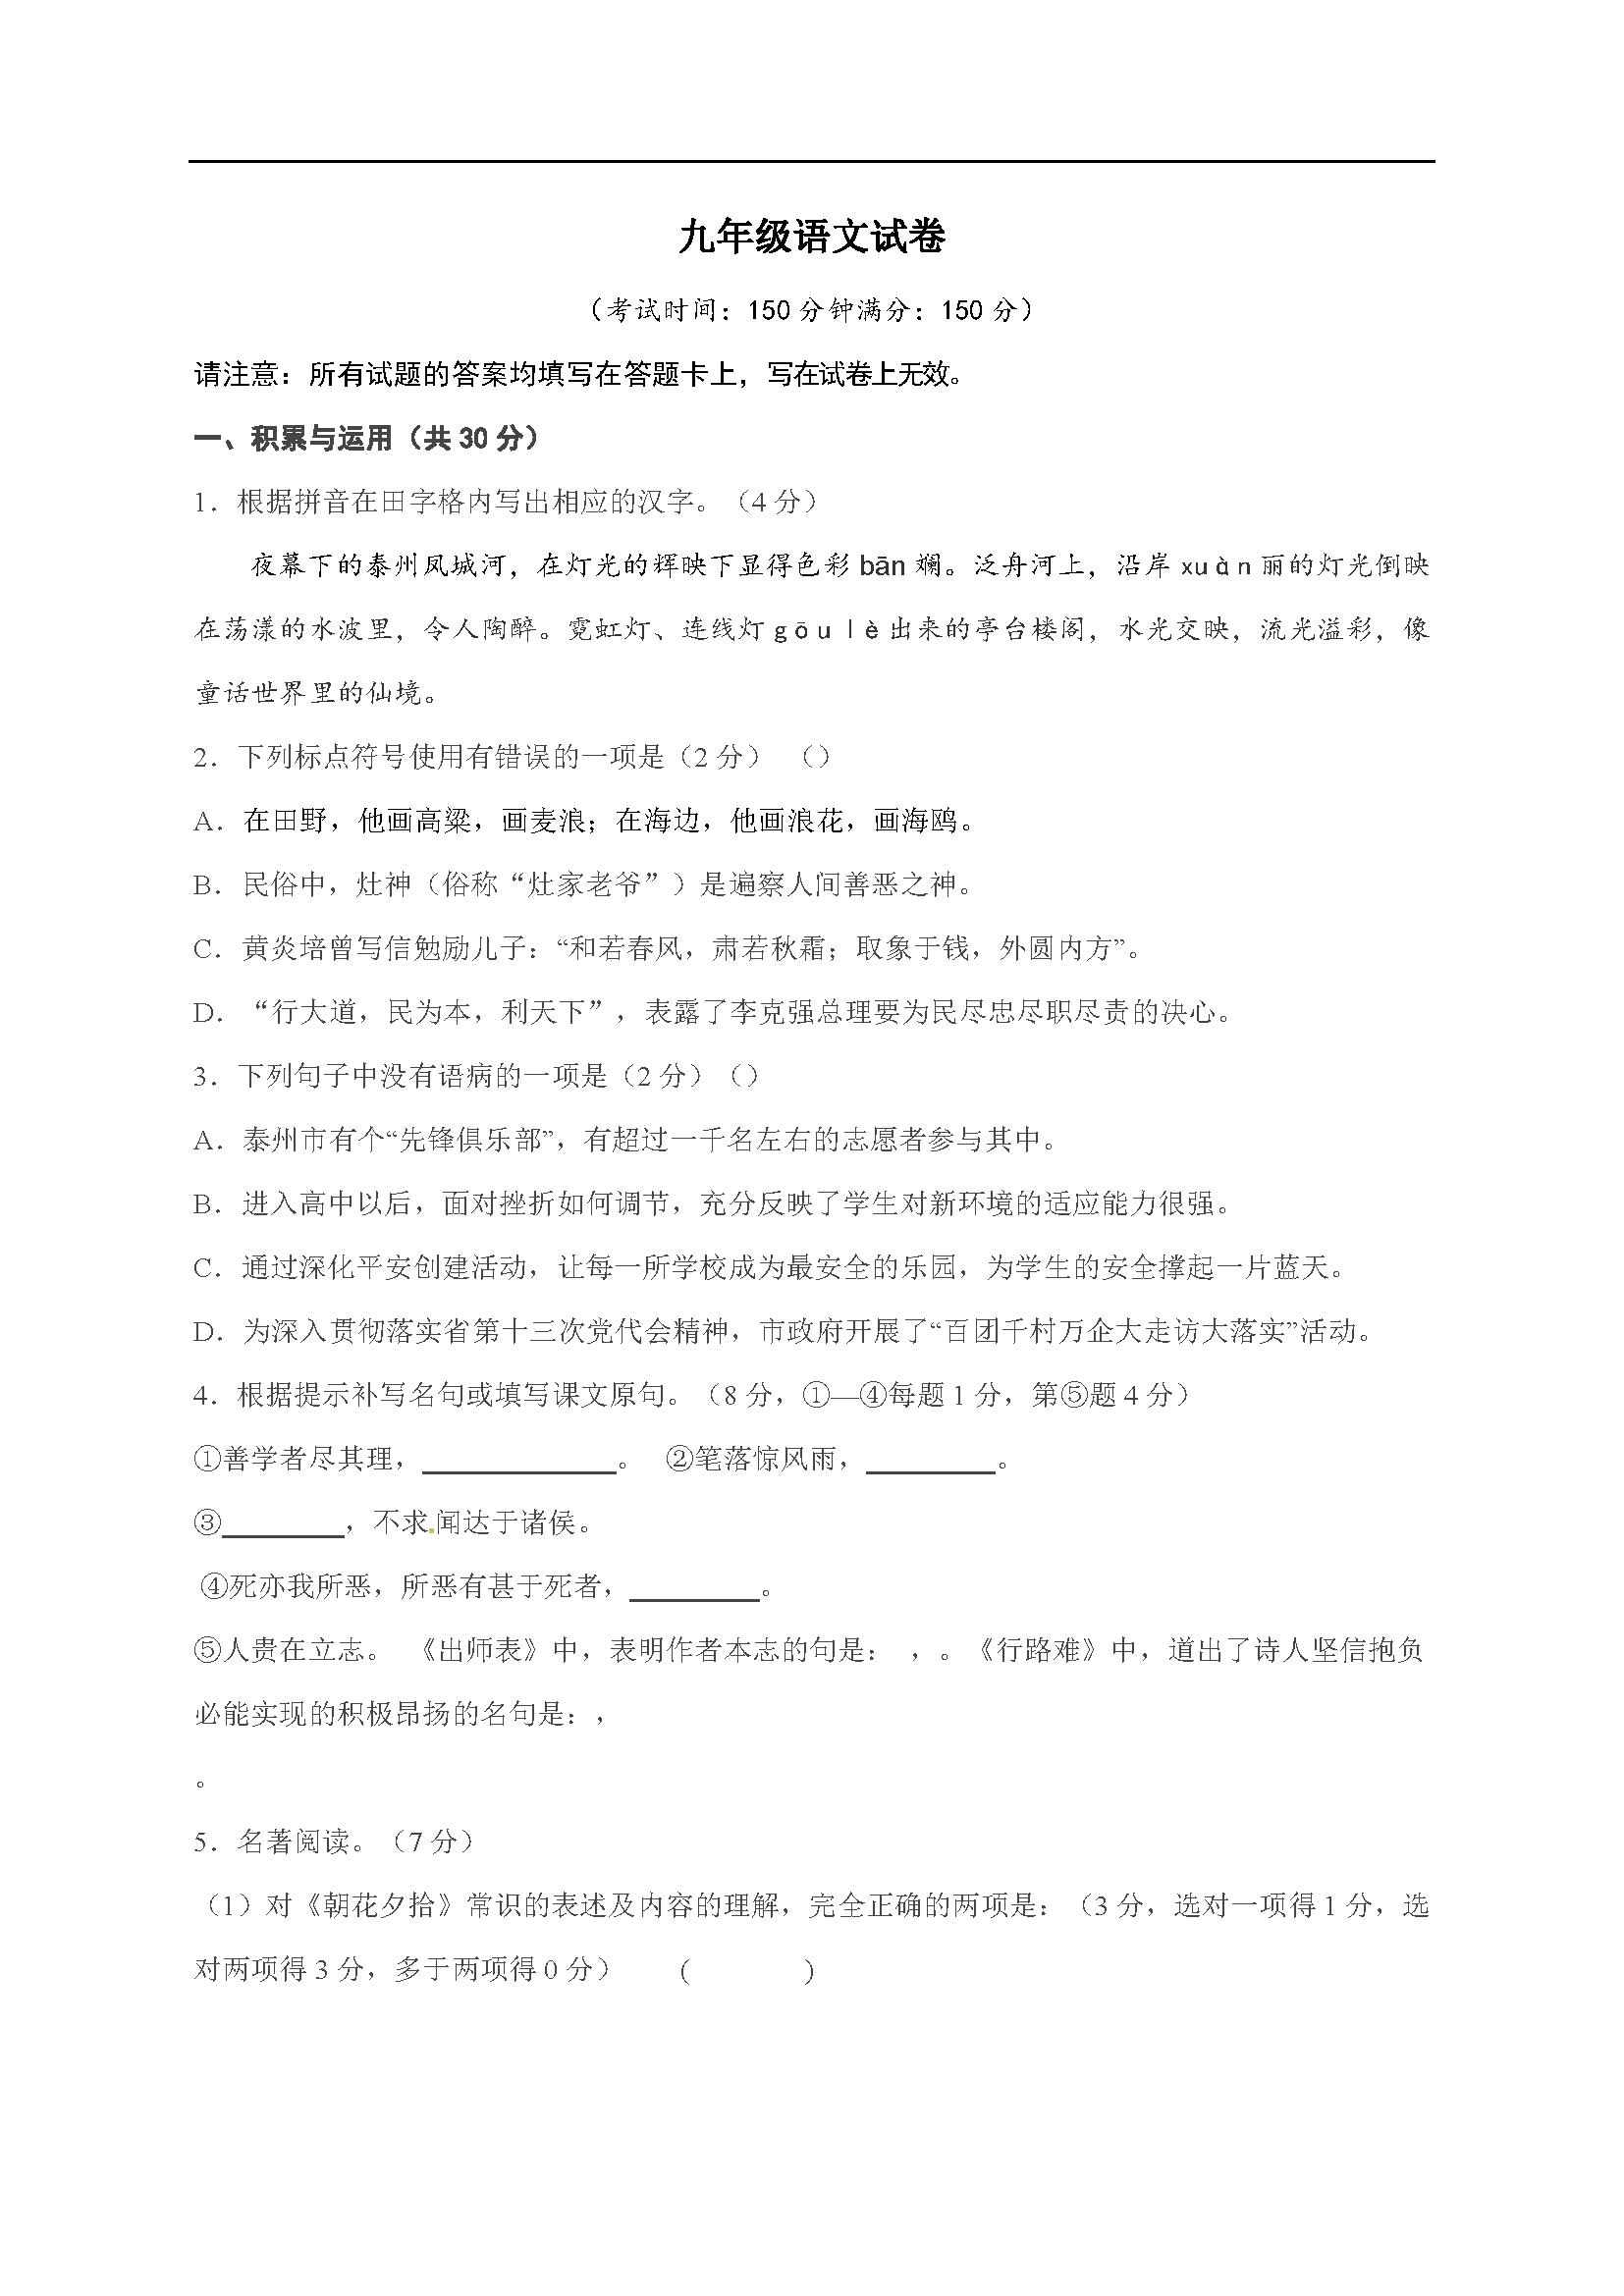 江苏泰州中学附属初级中学2017届九年级下第一次月考语文试题(Word版)